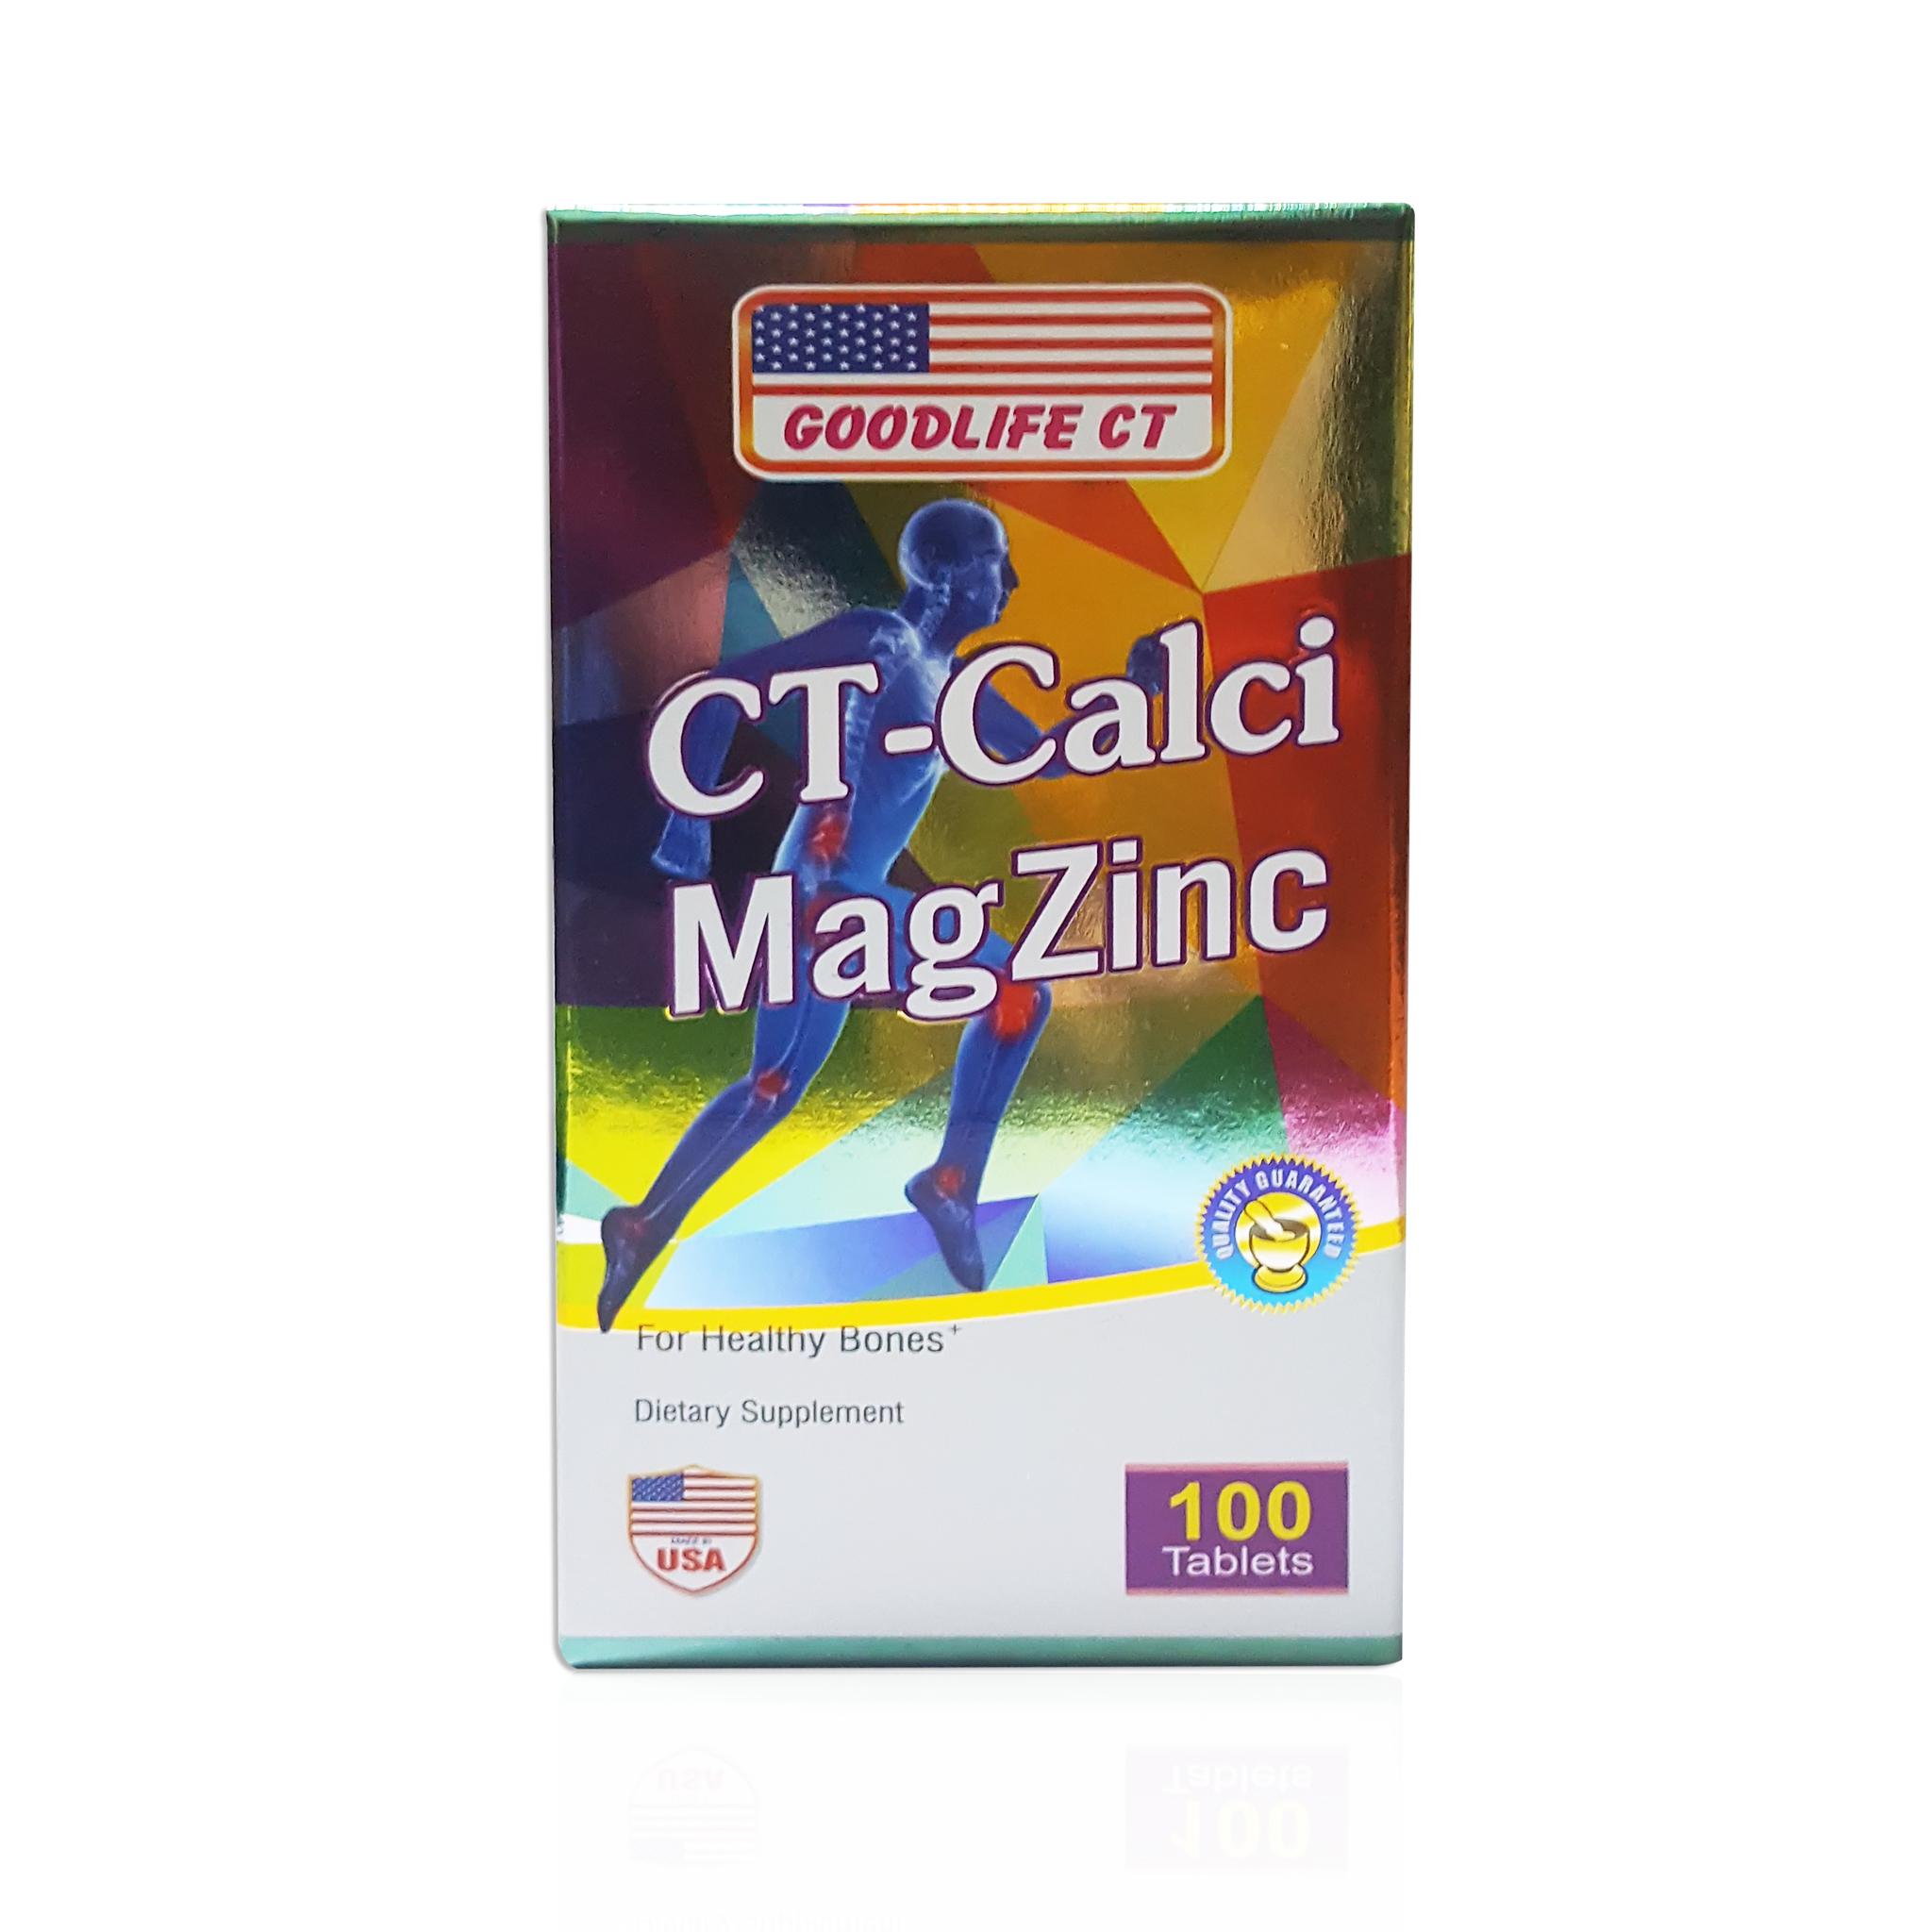 CT CALCI MAGZINC bổ sung khoáng chất, xương, răng phát triển khoẻ mạnh, cứng chắc